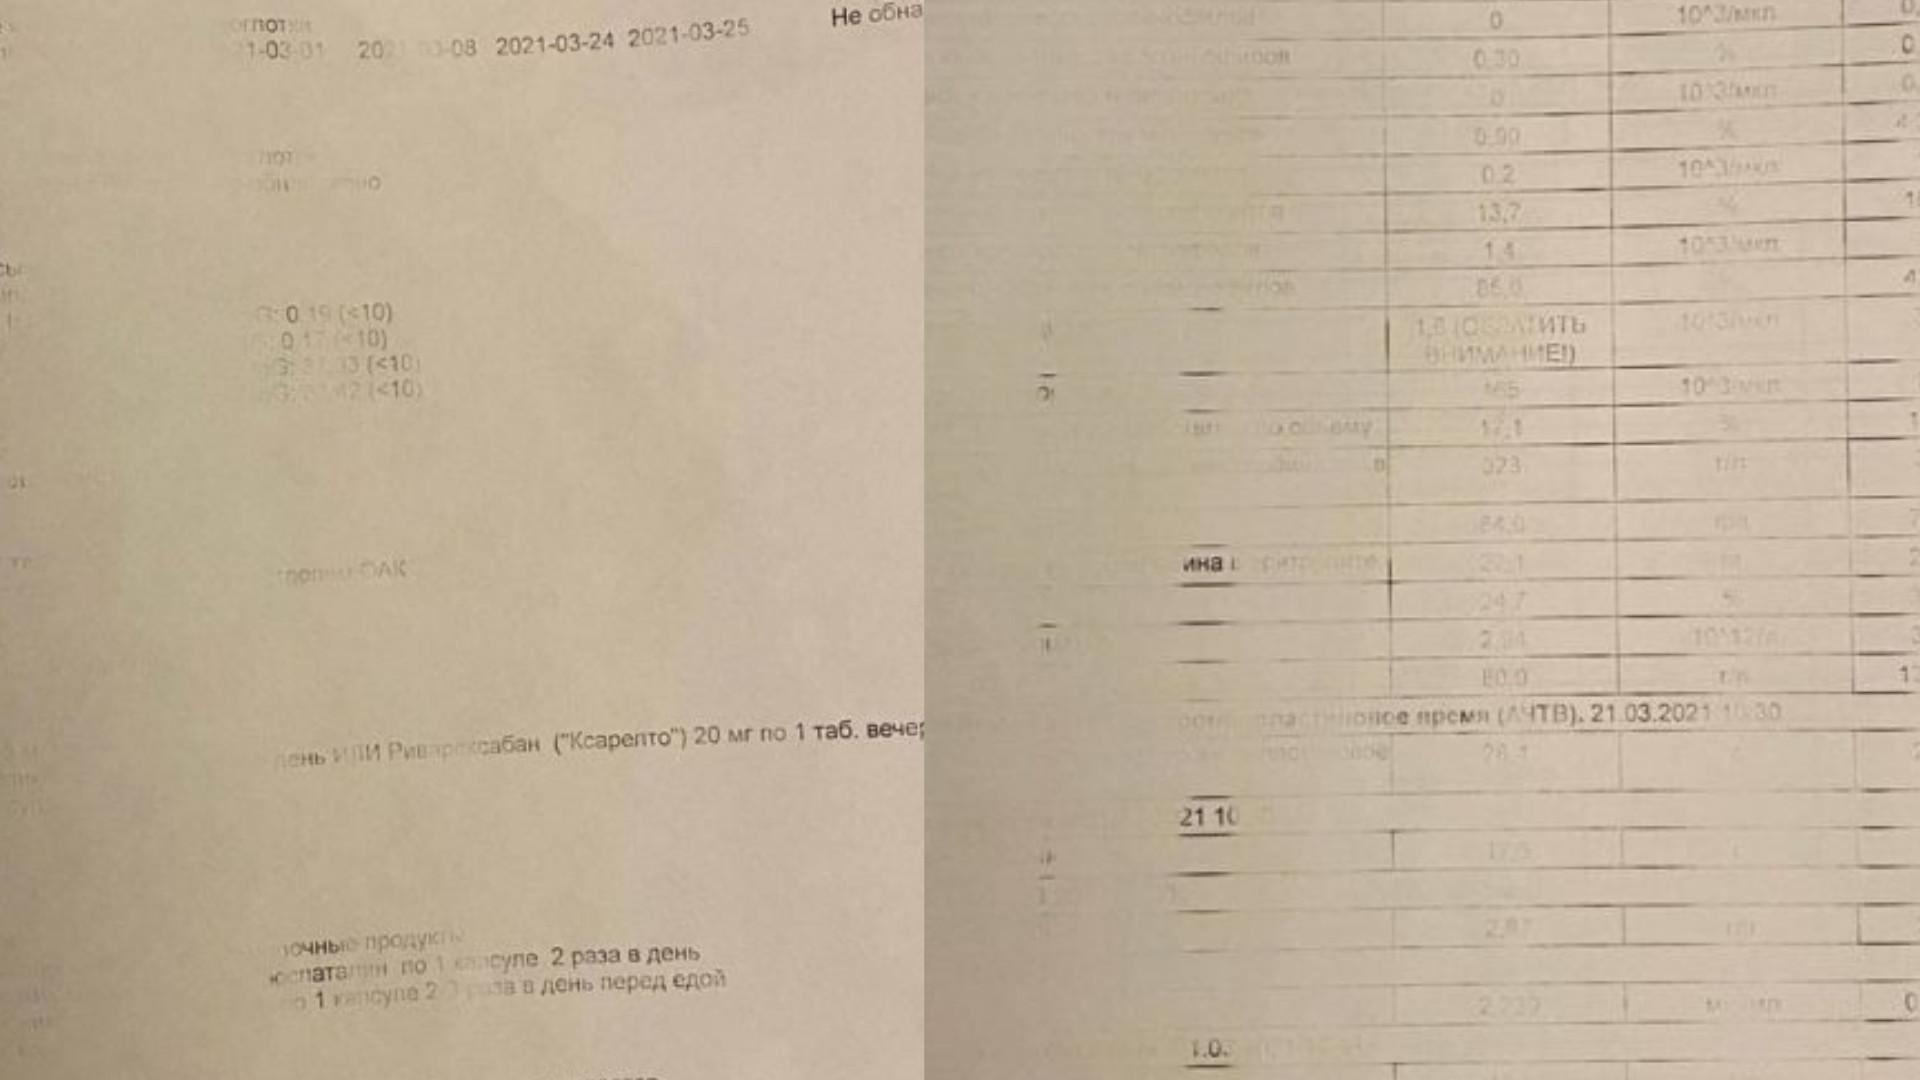 Родственники пациентки обвинили медработников в краже денег и фальсификации документов